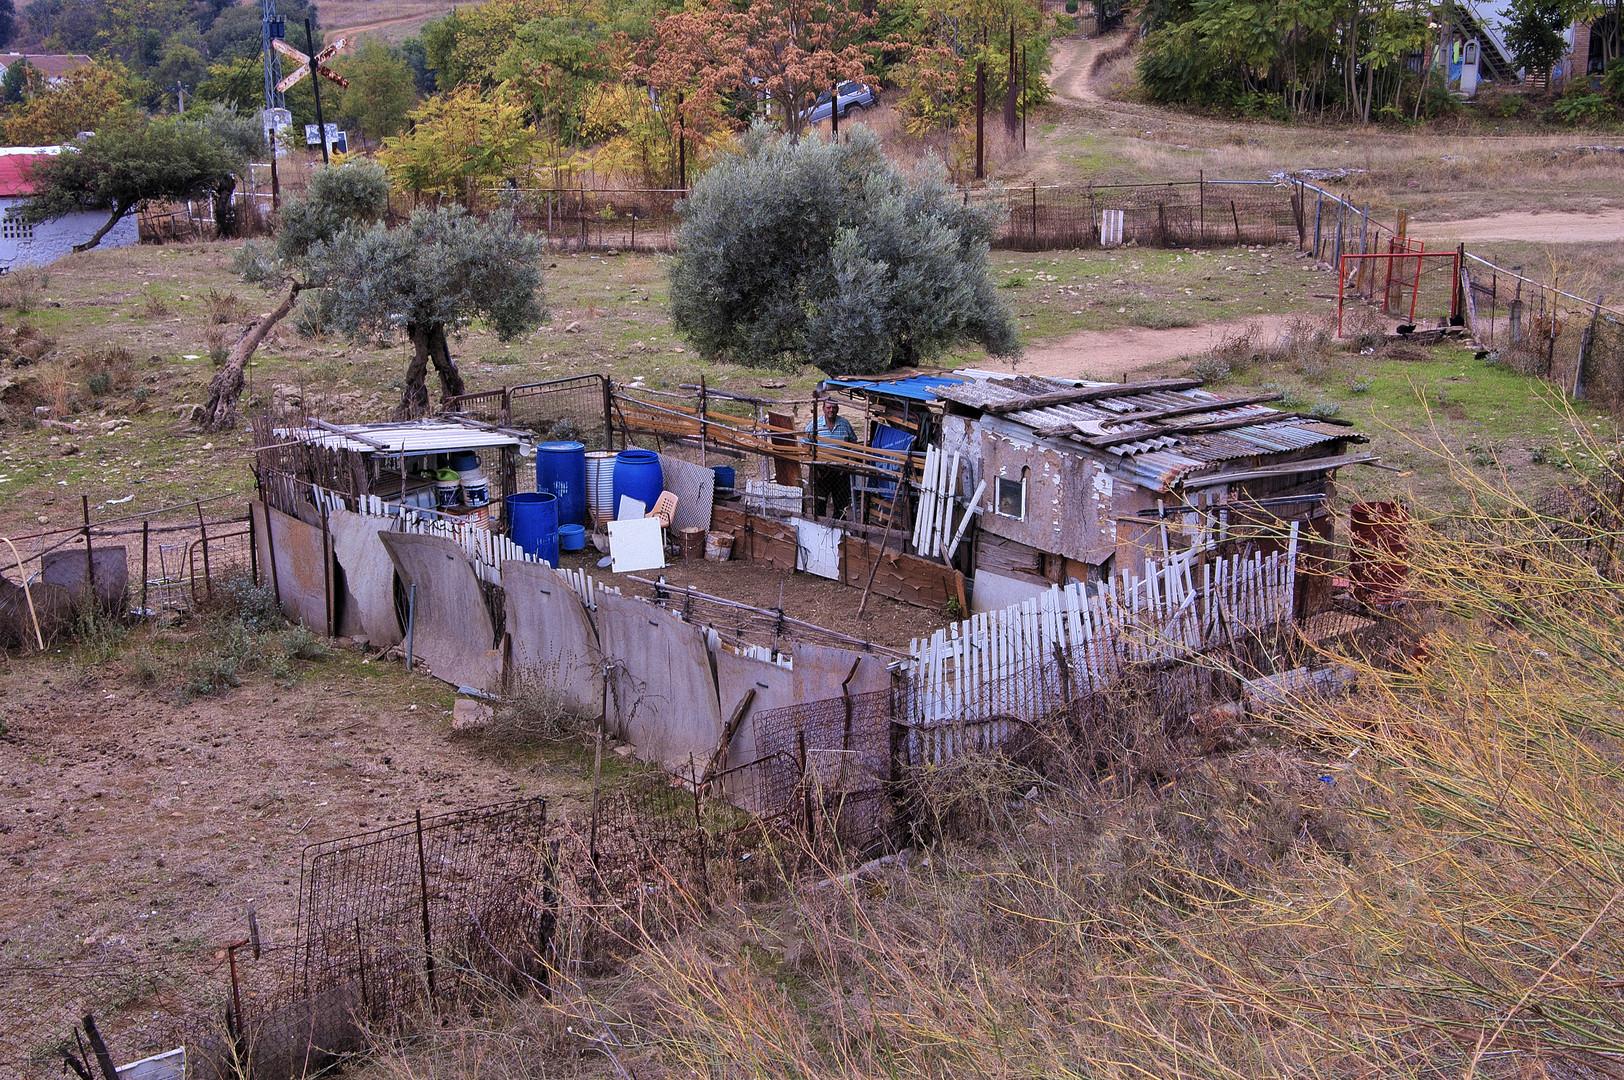 PEQUEÑA OBRA DE ARTE (al reciclaje) Y SU ARTISTA.